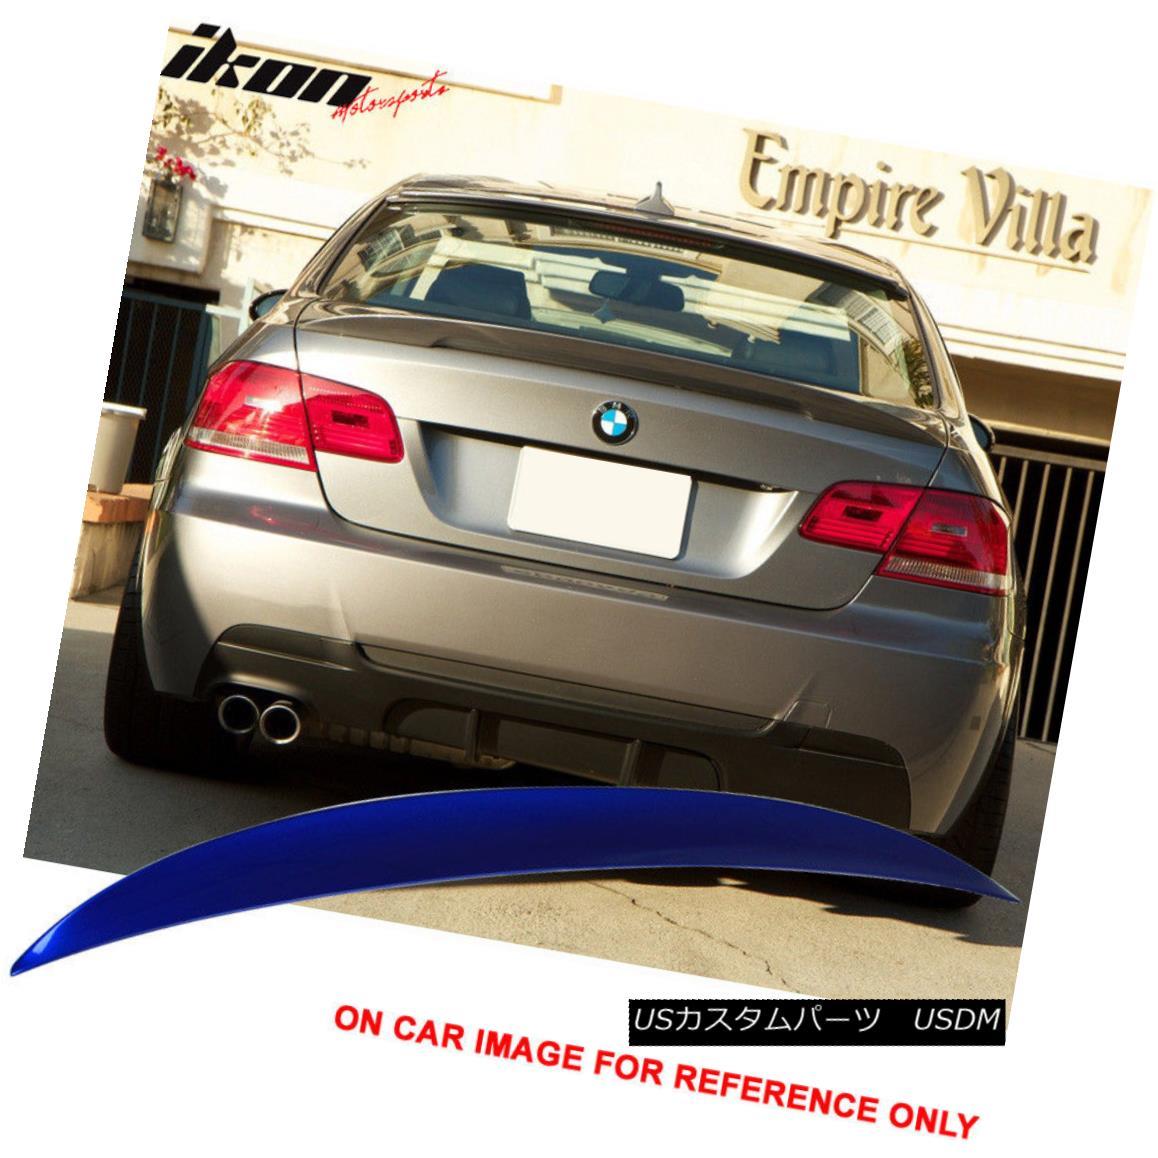 エアロパーツ Fit 07-13 BMW E92 2Dr High Kick Trunk Spoiler Painted Montego Blue Metallic #A51 フィット07-13 BMW E92 2Drハイキックトランクスポイラーペイントモンテゴブルーメタリック#A51